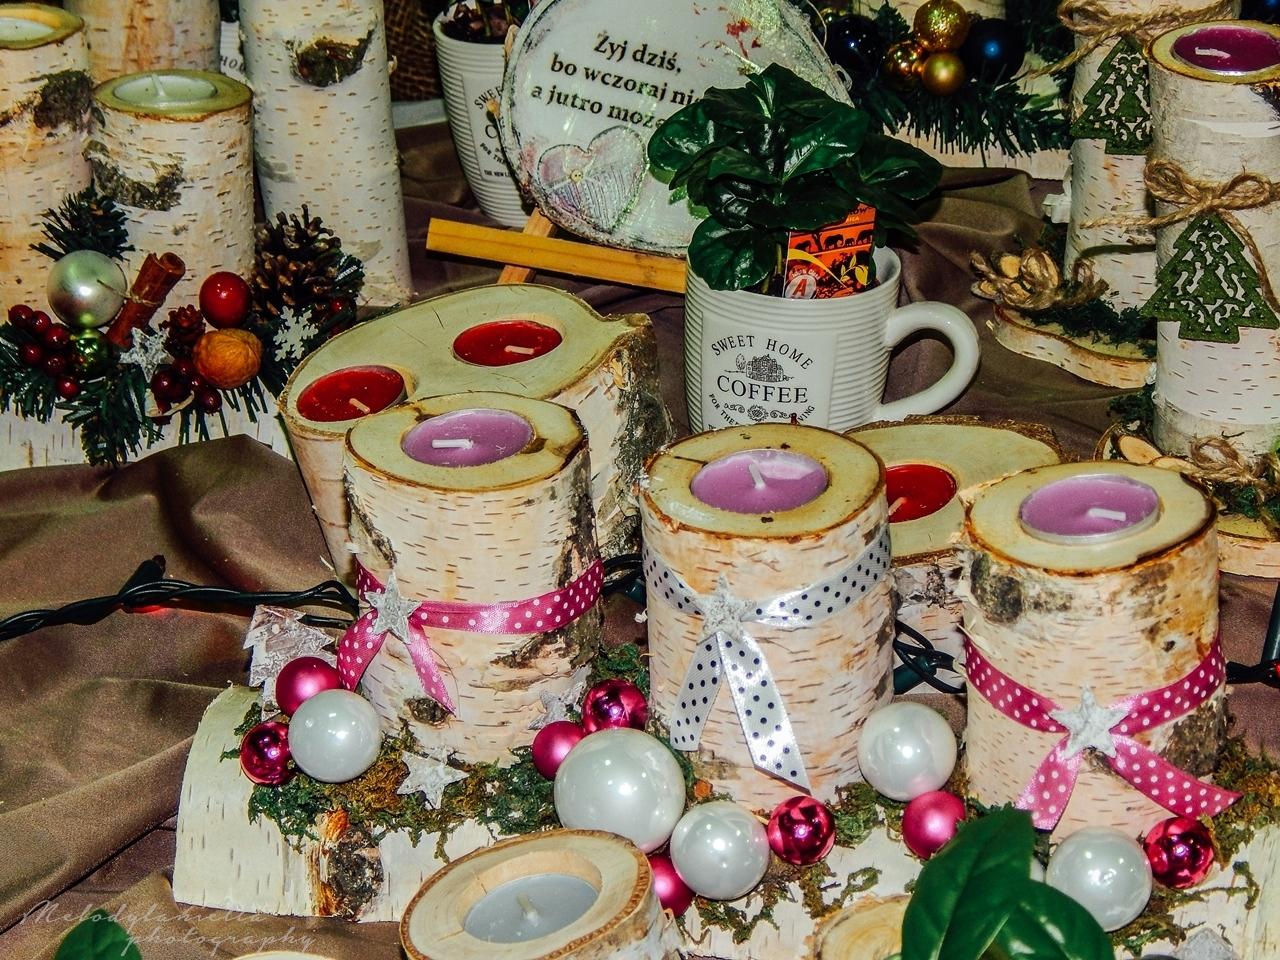 pomysł na świąteczny prezent Boże Narodzenie ręcznie robione świeczniki